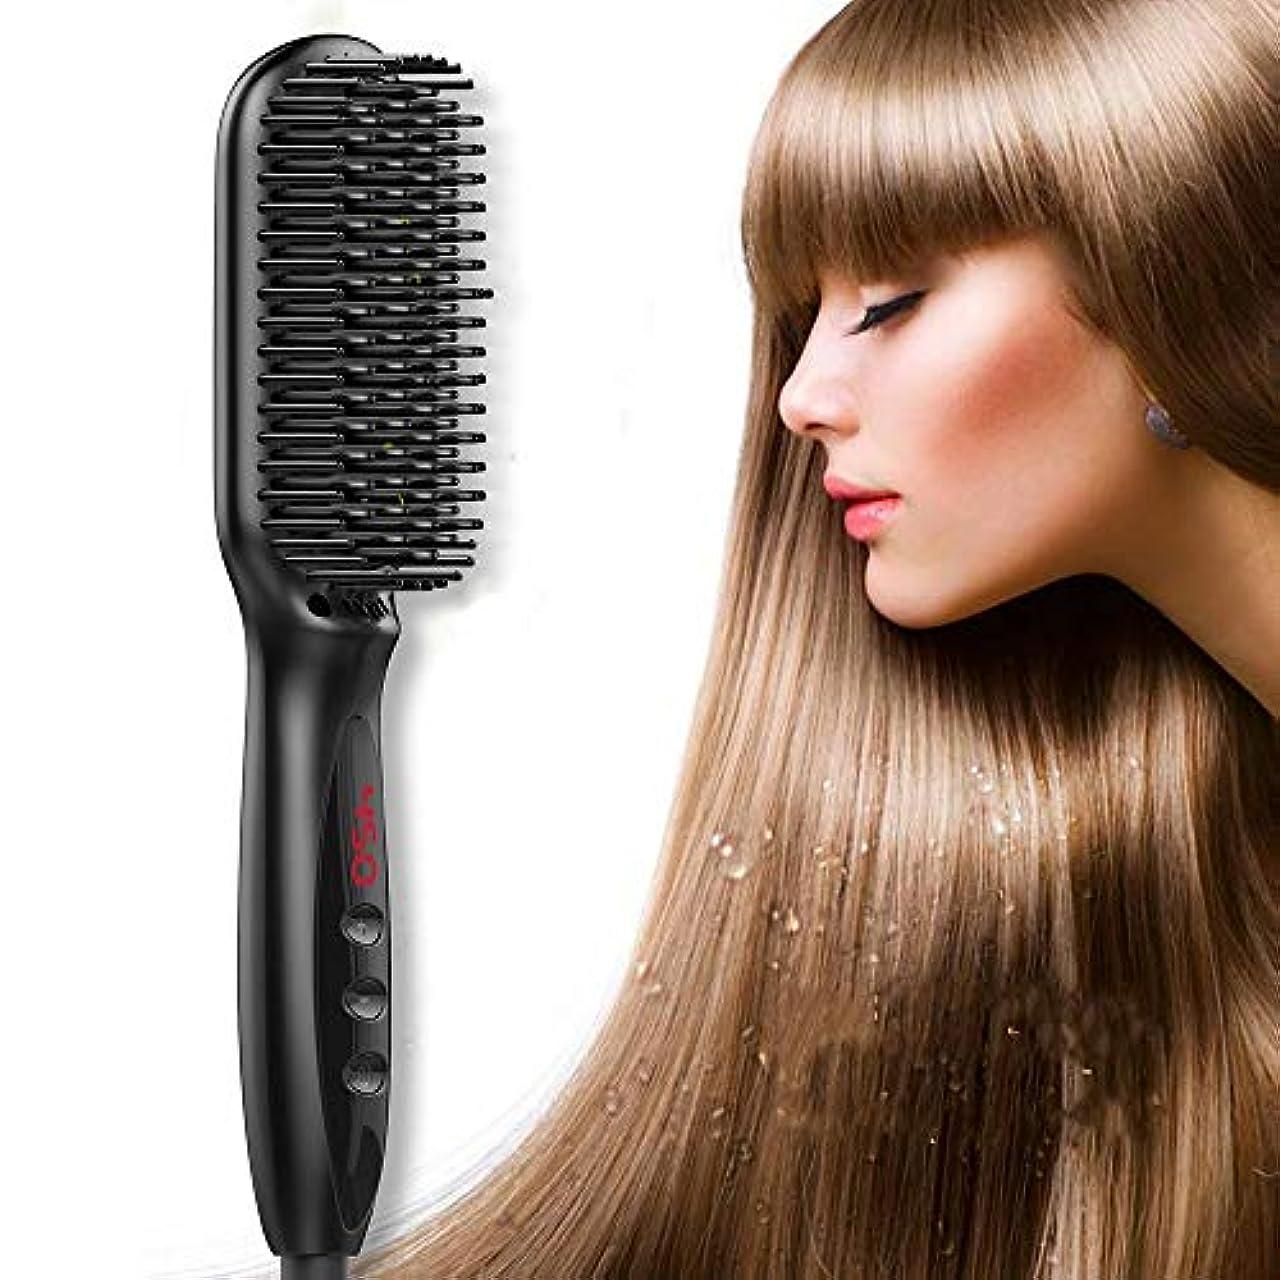 タイプライター乳製品油ビアードストレイテナーくし多機能とアンチやけクイックスタイリングコーム温水ひげと縮毛矯正くし男性&WomenHotツール髪フラットカーリングアイアン